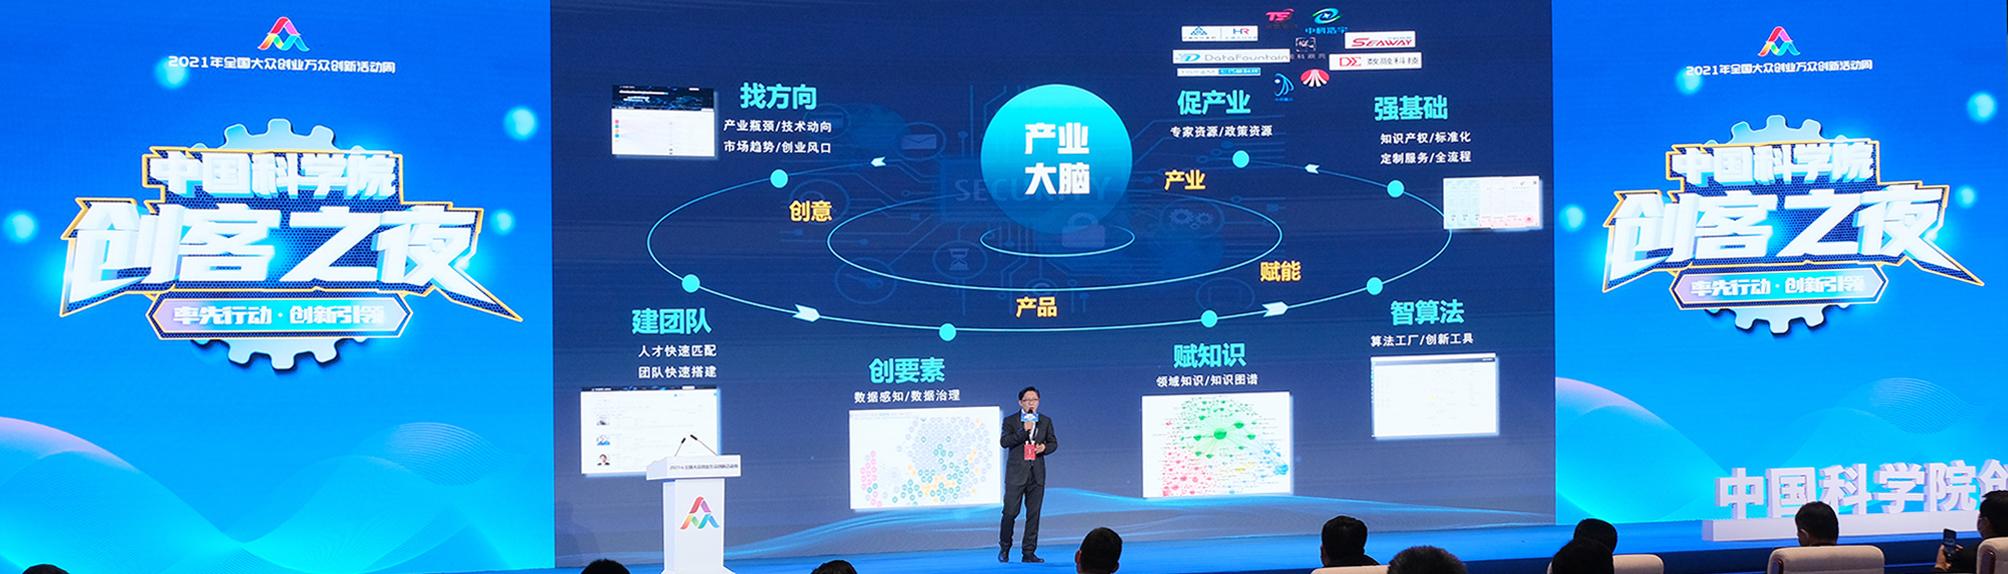 """2021中国科学院创客之夜 王元卓畅谈驱动创新产业发展的""""产业大脑"""""""